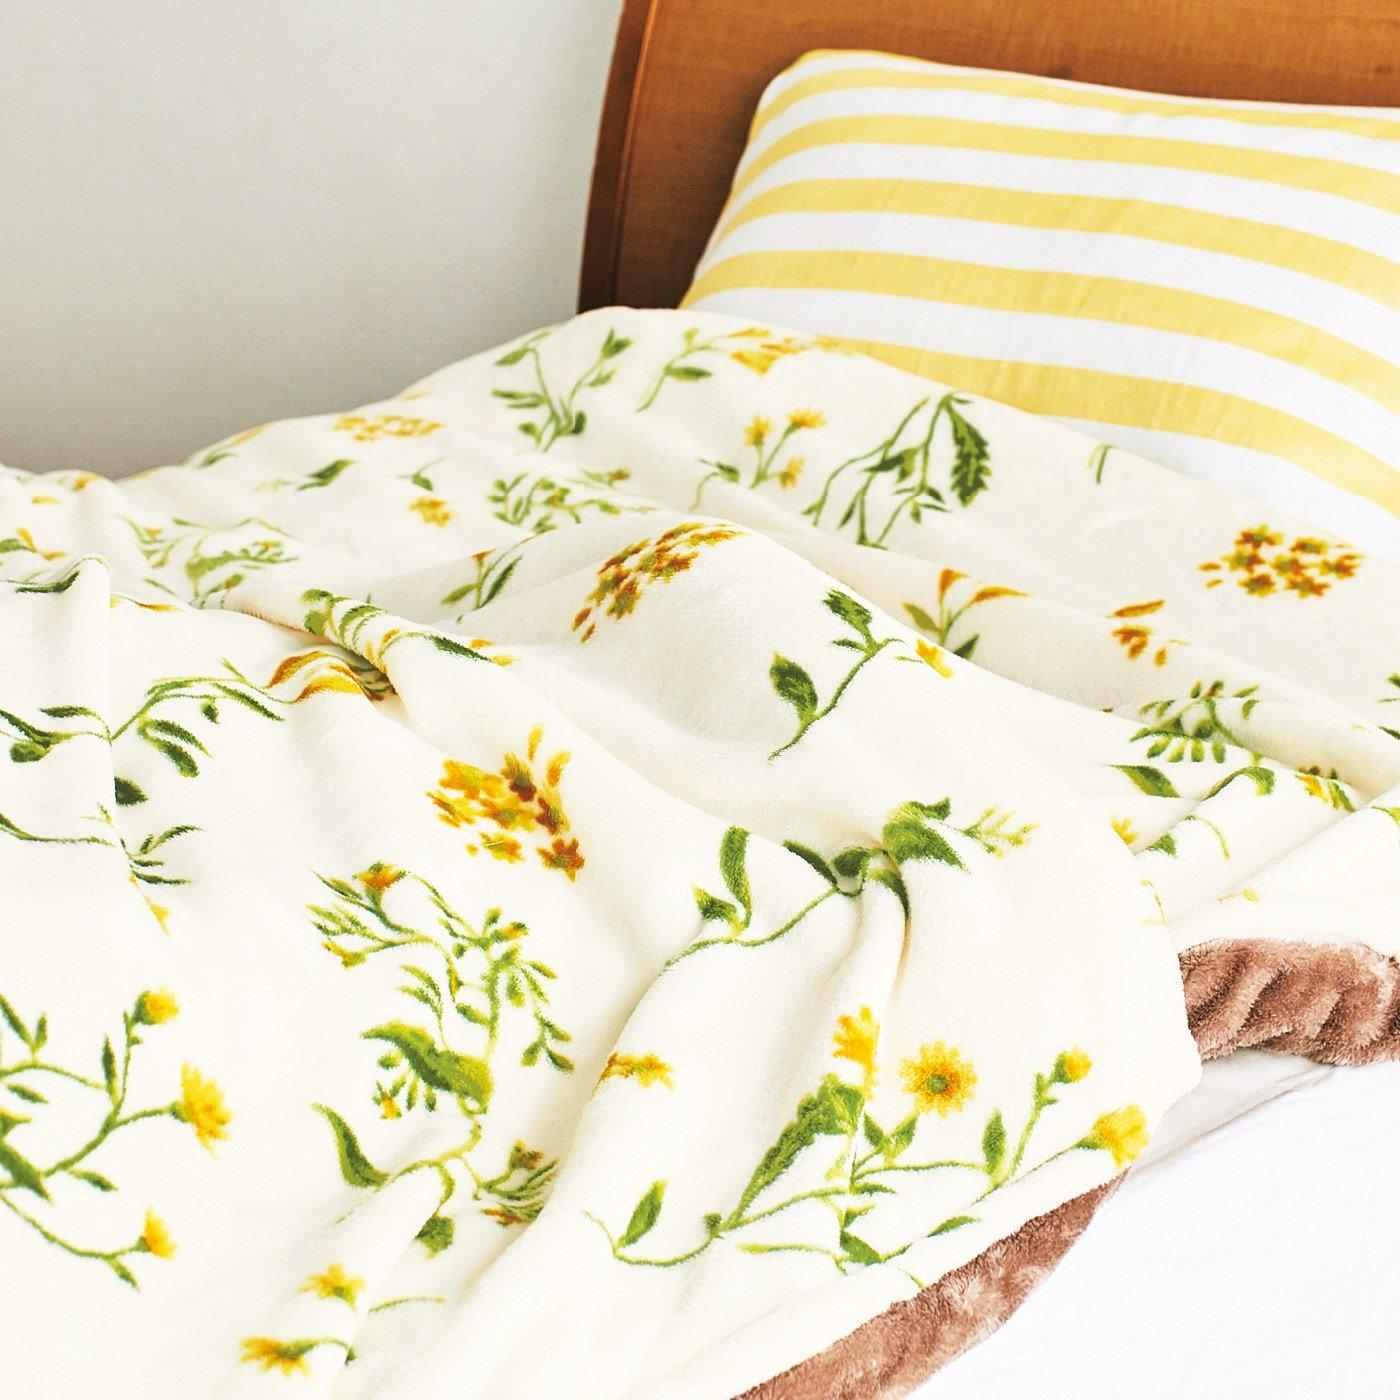 眠気を誘うとろけるタッチ 毛布いらずリバーシブル掛け布団カバー〈ダブル〉の会